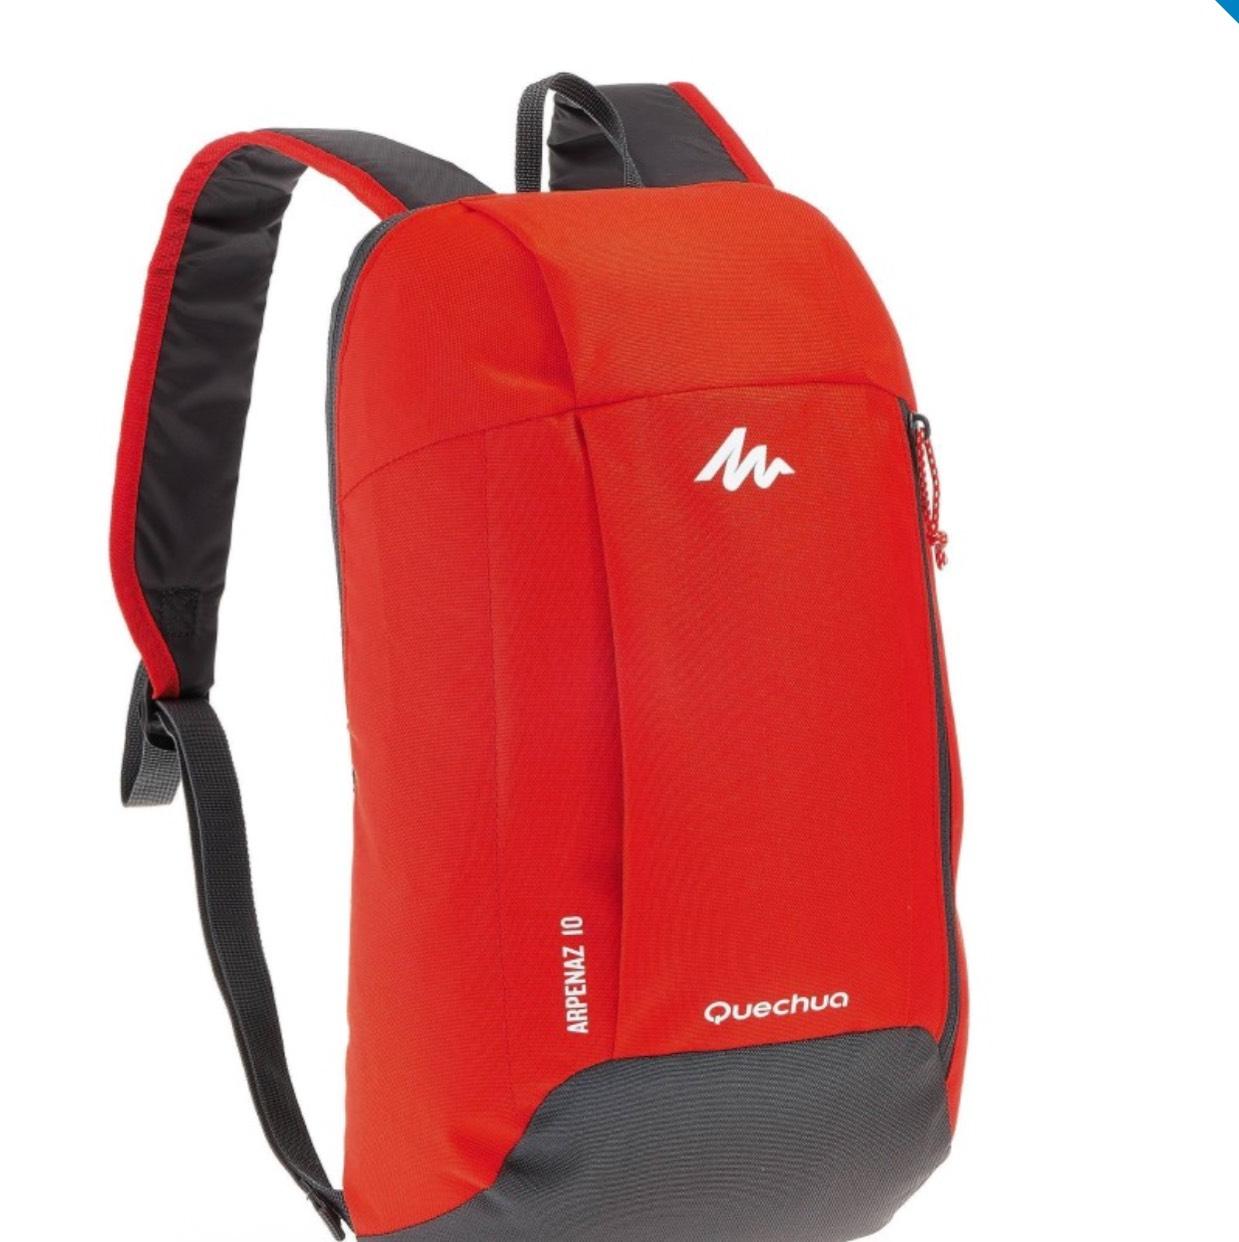 Quechua 10L Backpack £2.49 (+£3.99 del) @ Decathlon